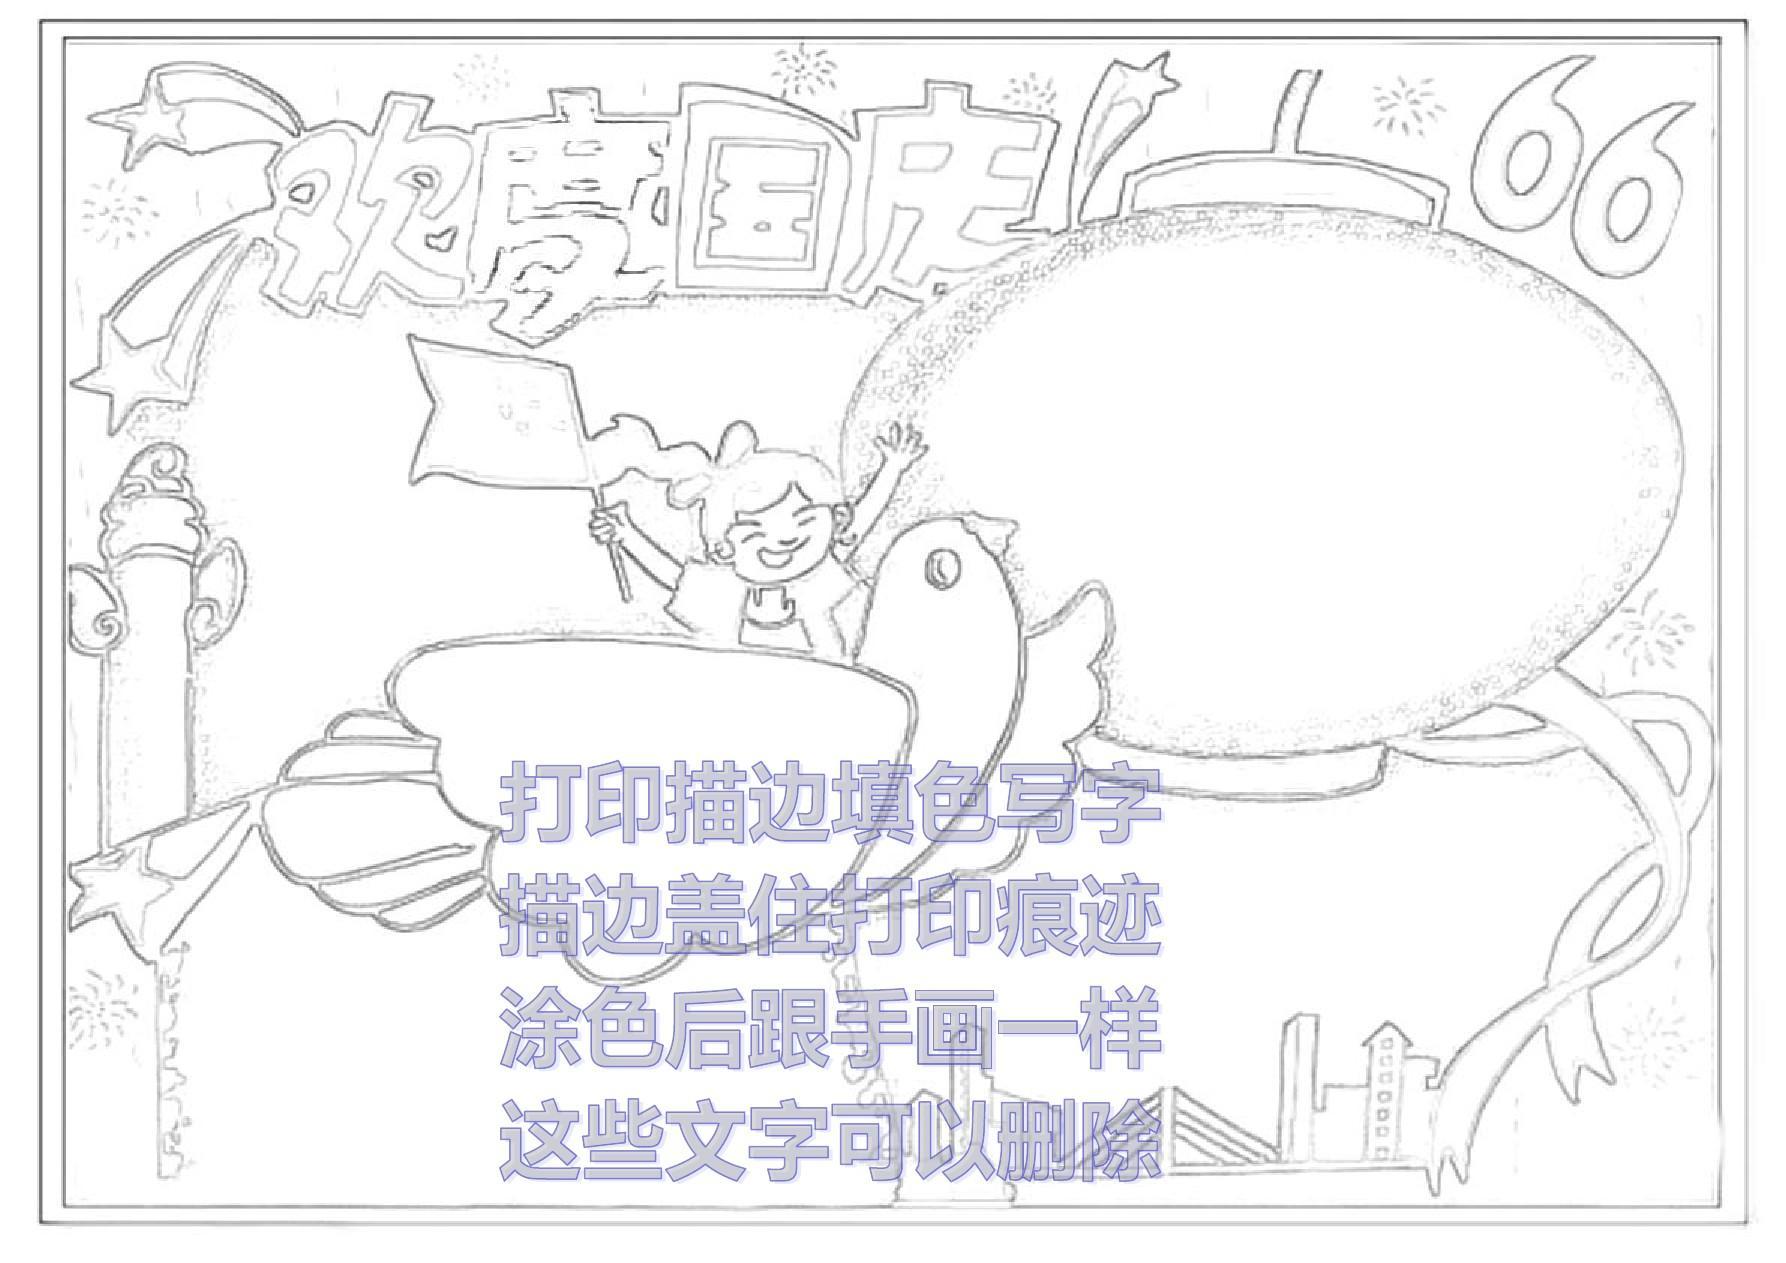 欢度国庆描边涂色简报,国庆快乐线描海报模板,手工绘制勾边填色小报图片